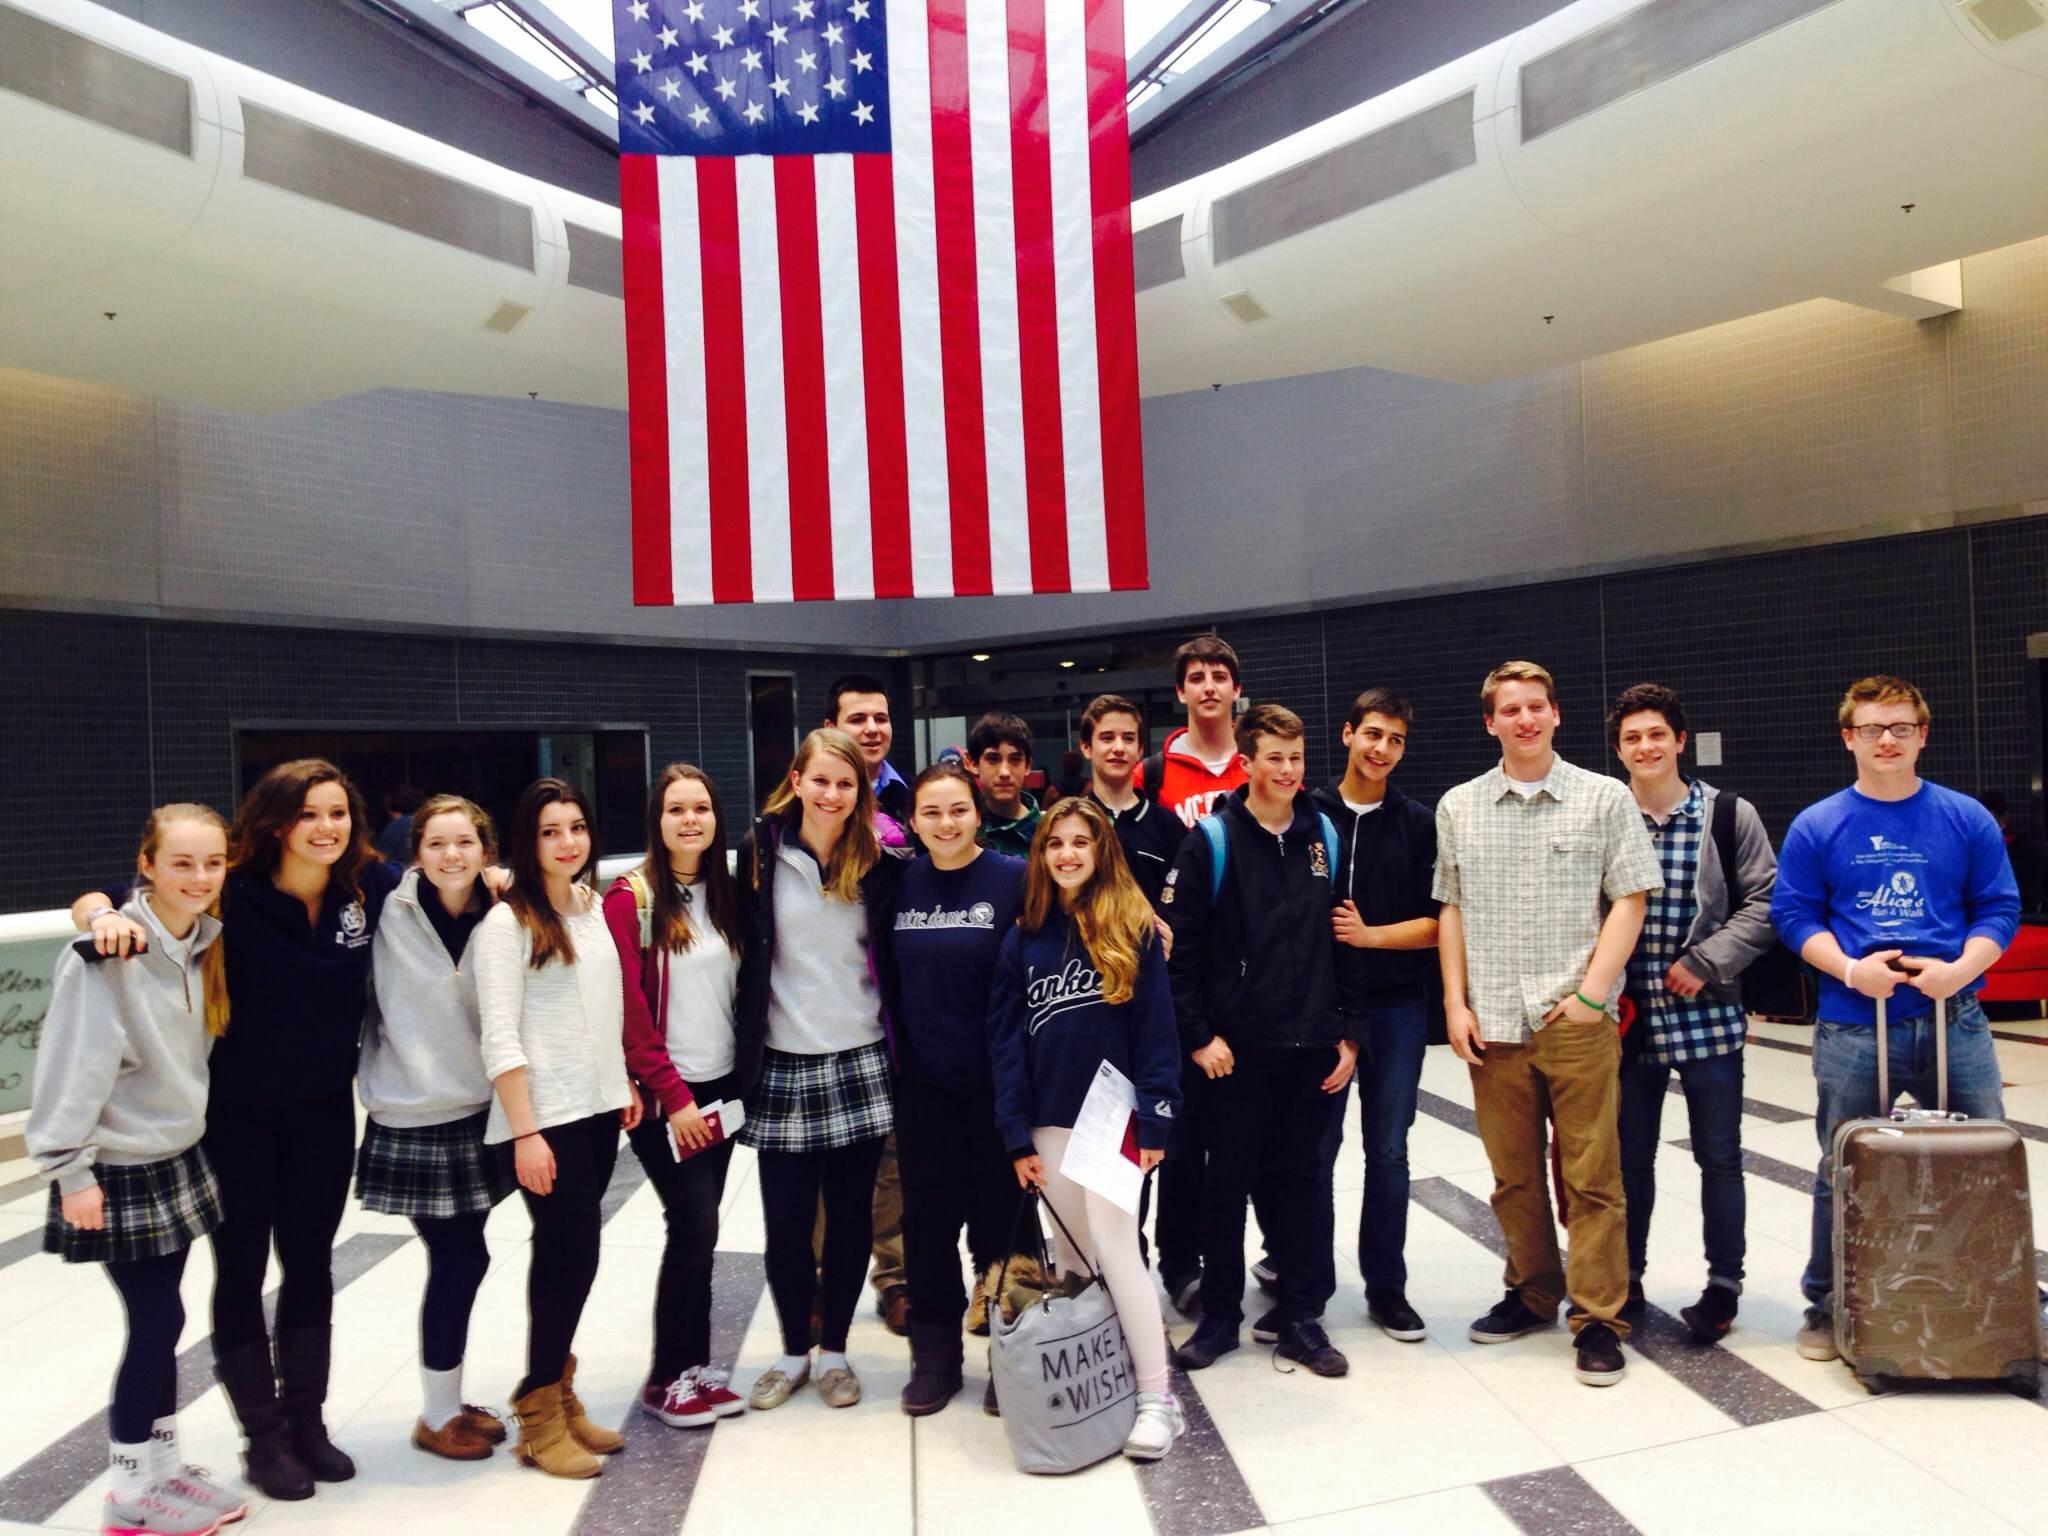 Spanish exchange students meet their hosts from Malvern & Villa / Malvern Exchange